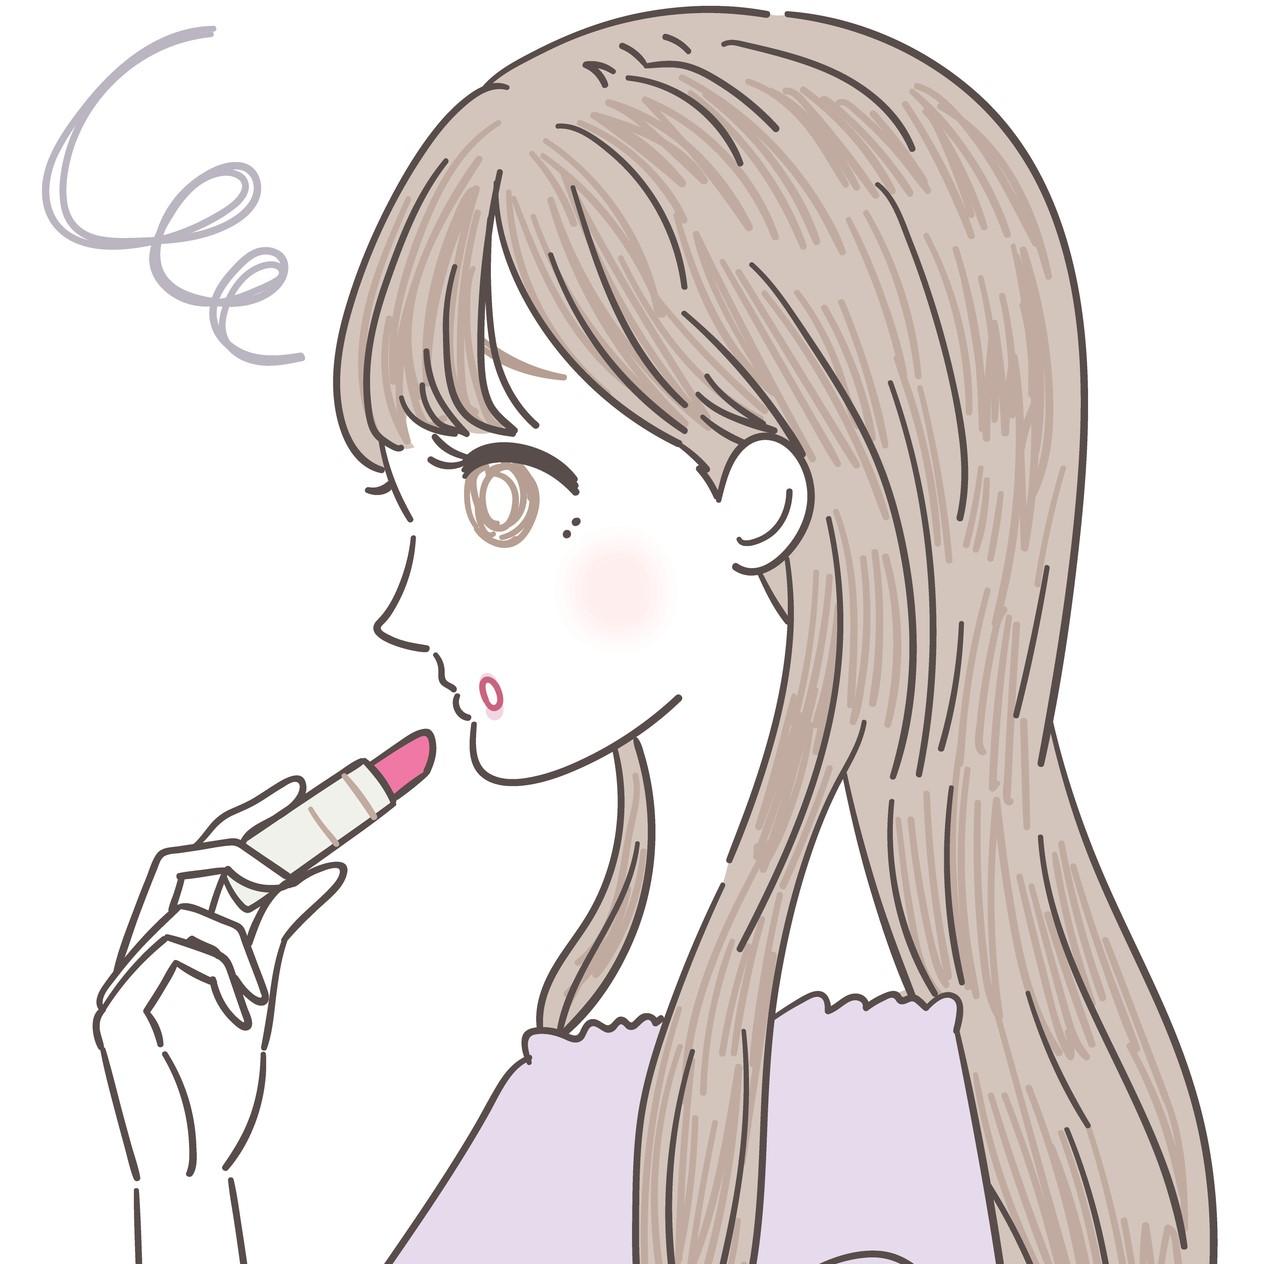 """歯紅を気にせず笑える女の子になる。気になる""""歯紅問題""""のお悩み解決法!のサムネイル画像"""